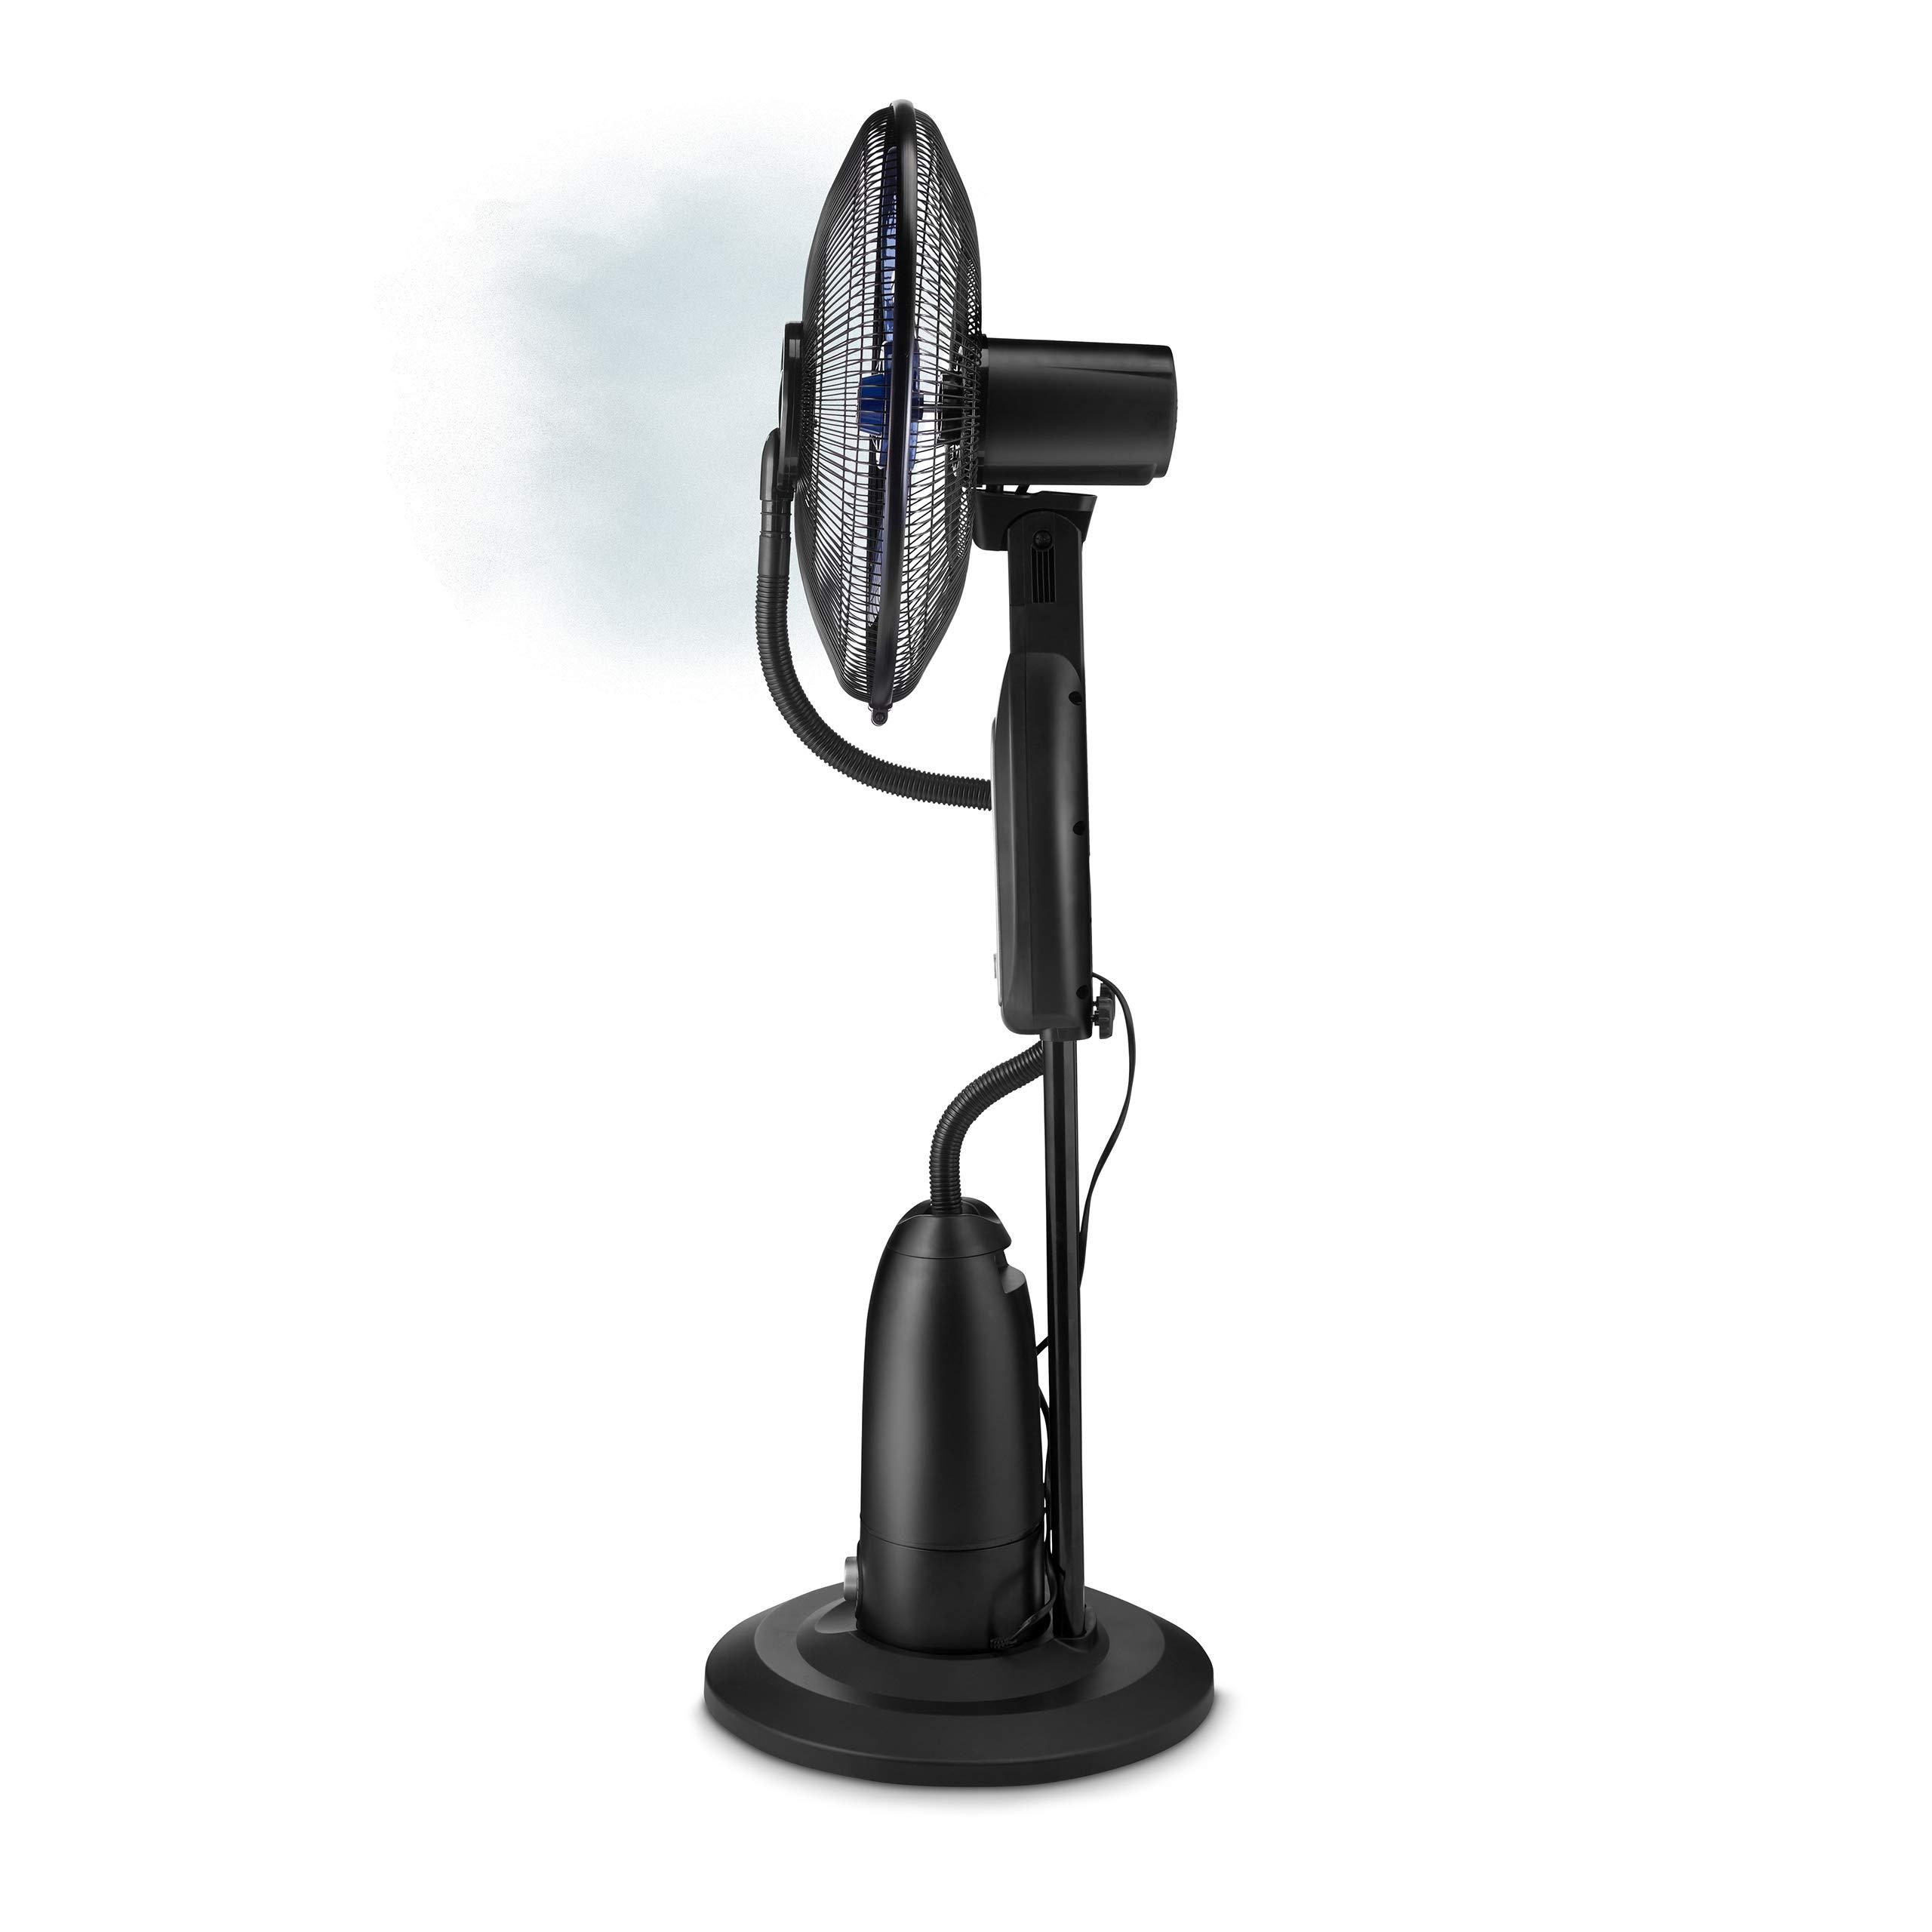 Ufesa MF4090 - Ventilador nebulizador, mando a distancia, 3 modos ...